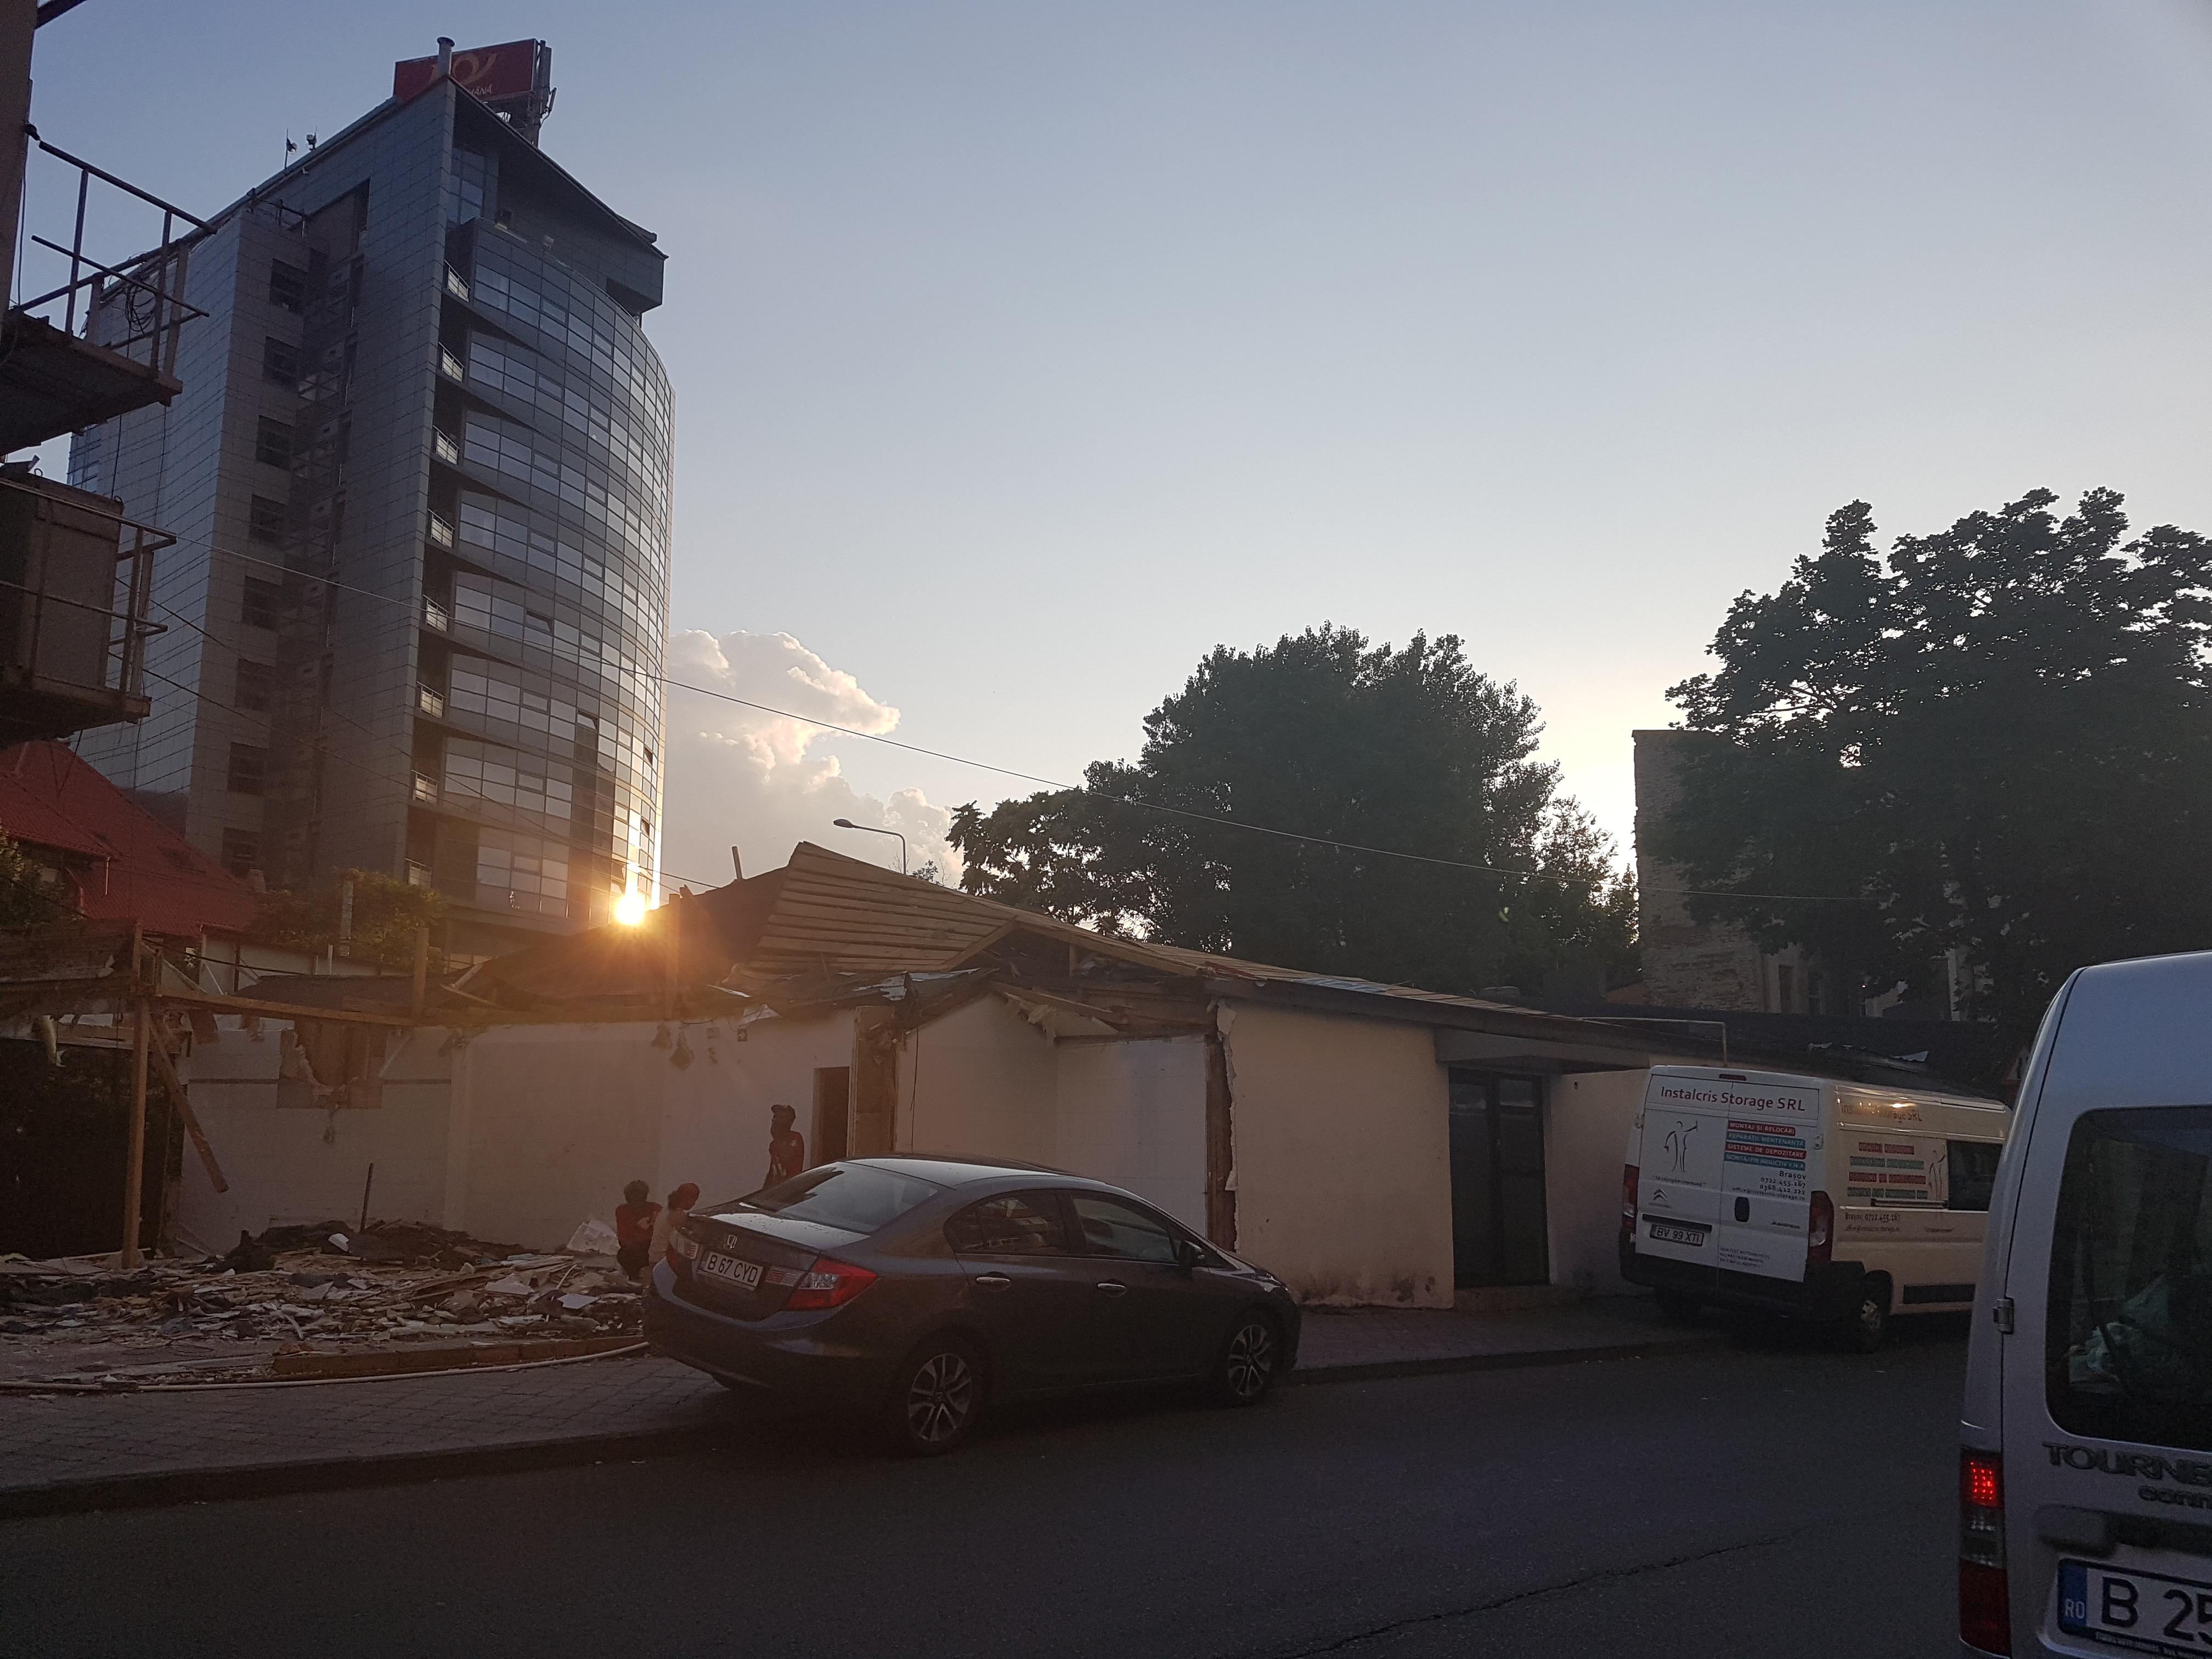 Un bloc cu patru etaje ar putea apărea în zona protejată Mihai Eminescu, vizavi de casa Henrieta Delavrancea, monument istoric. Cum a fost distrusă zona în ultimii 15 ani 49